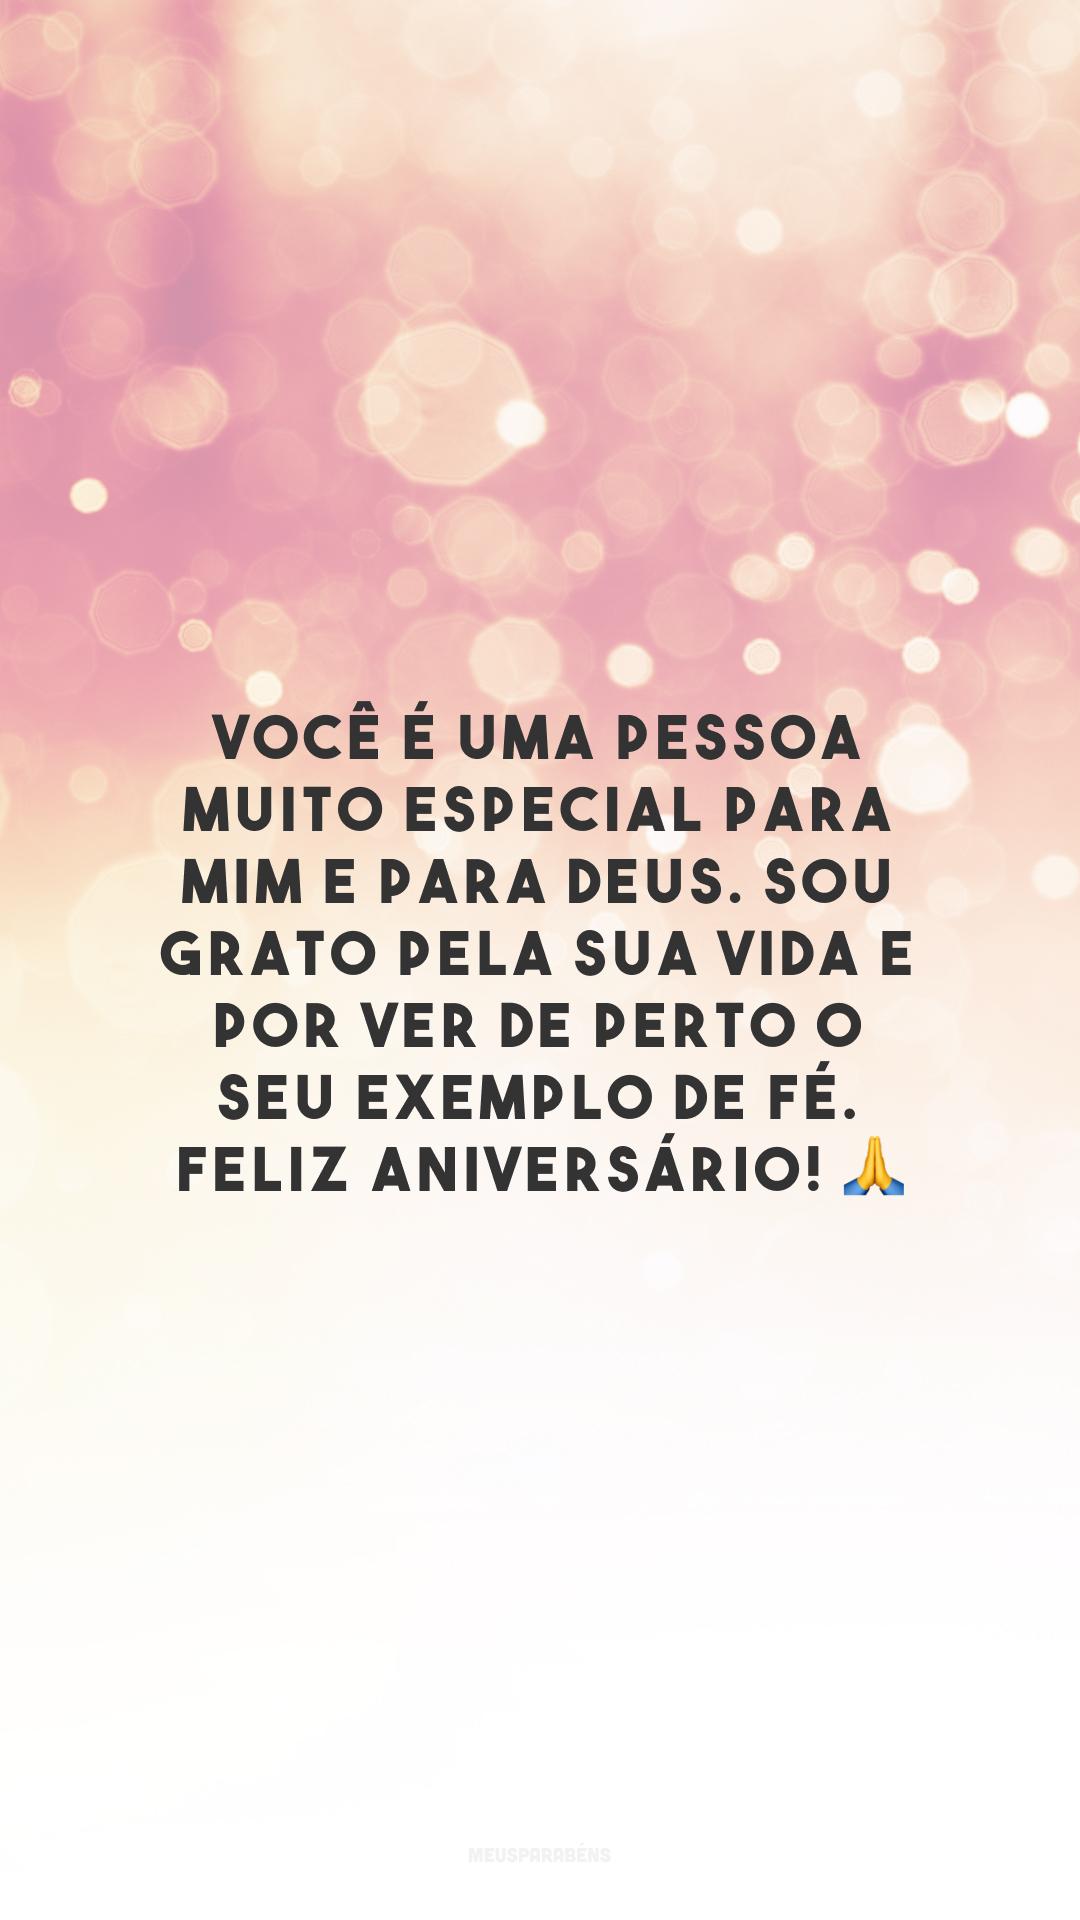 Você é uma pessoa muito especial para mim e para Deus. Sou grato pela sua vida e por ver de perto o seu exemplo de fé. Feliz aniversário! 🙏